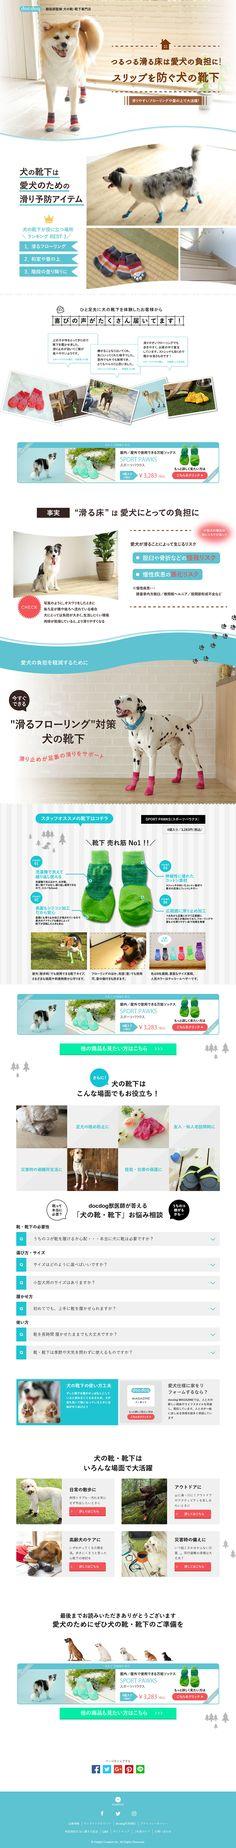 犬の靴下|WEBデザイナーさん必見!ランディングページのデザイン参考に(キレイ系)